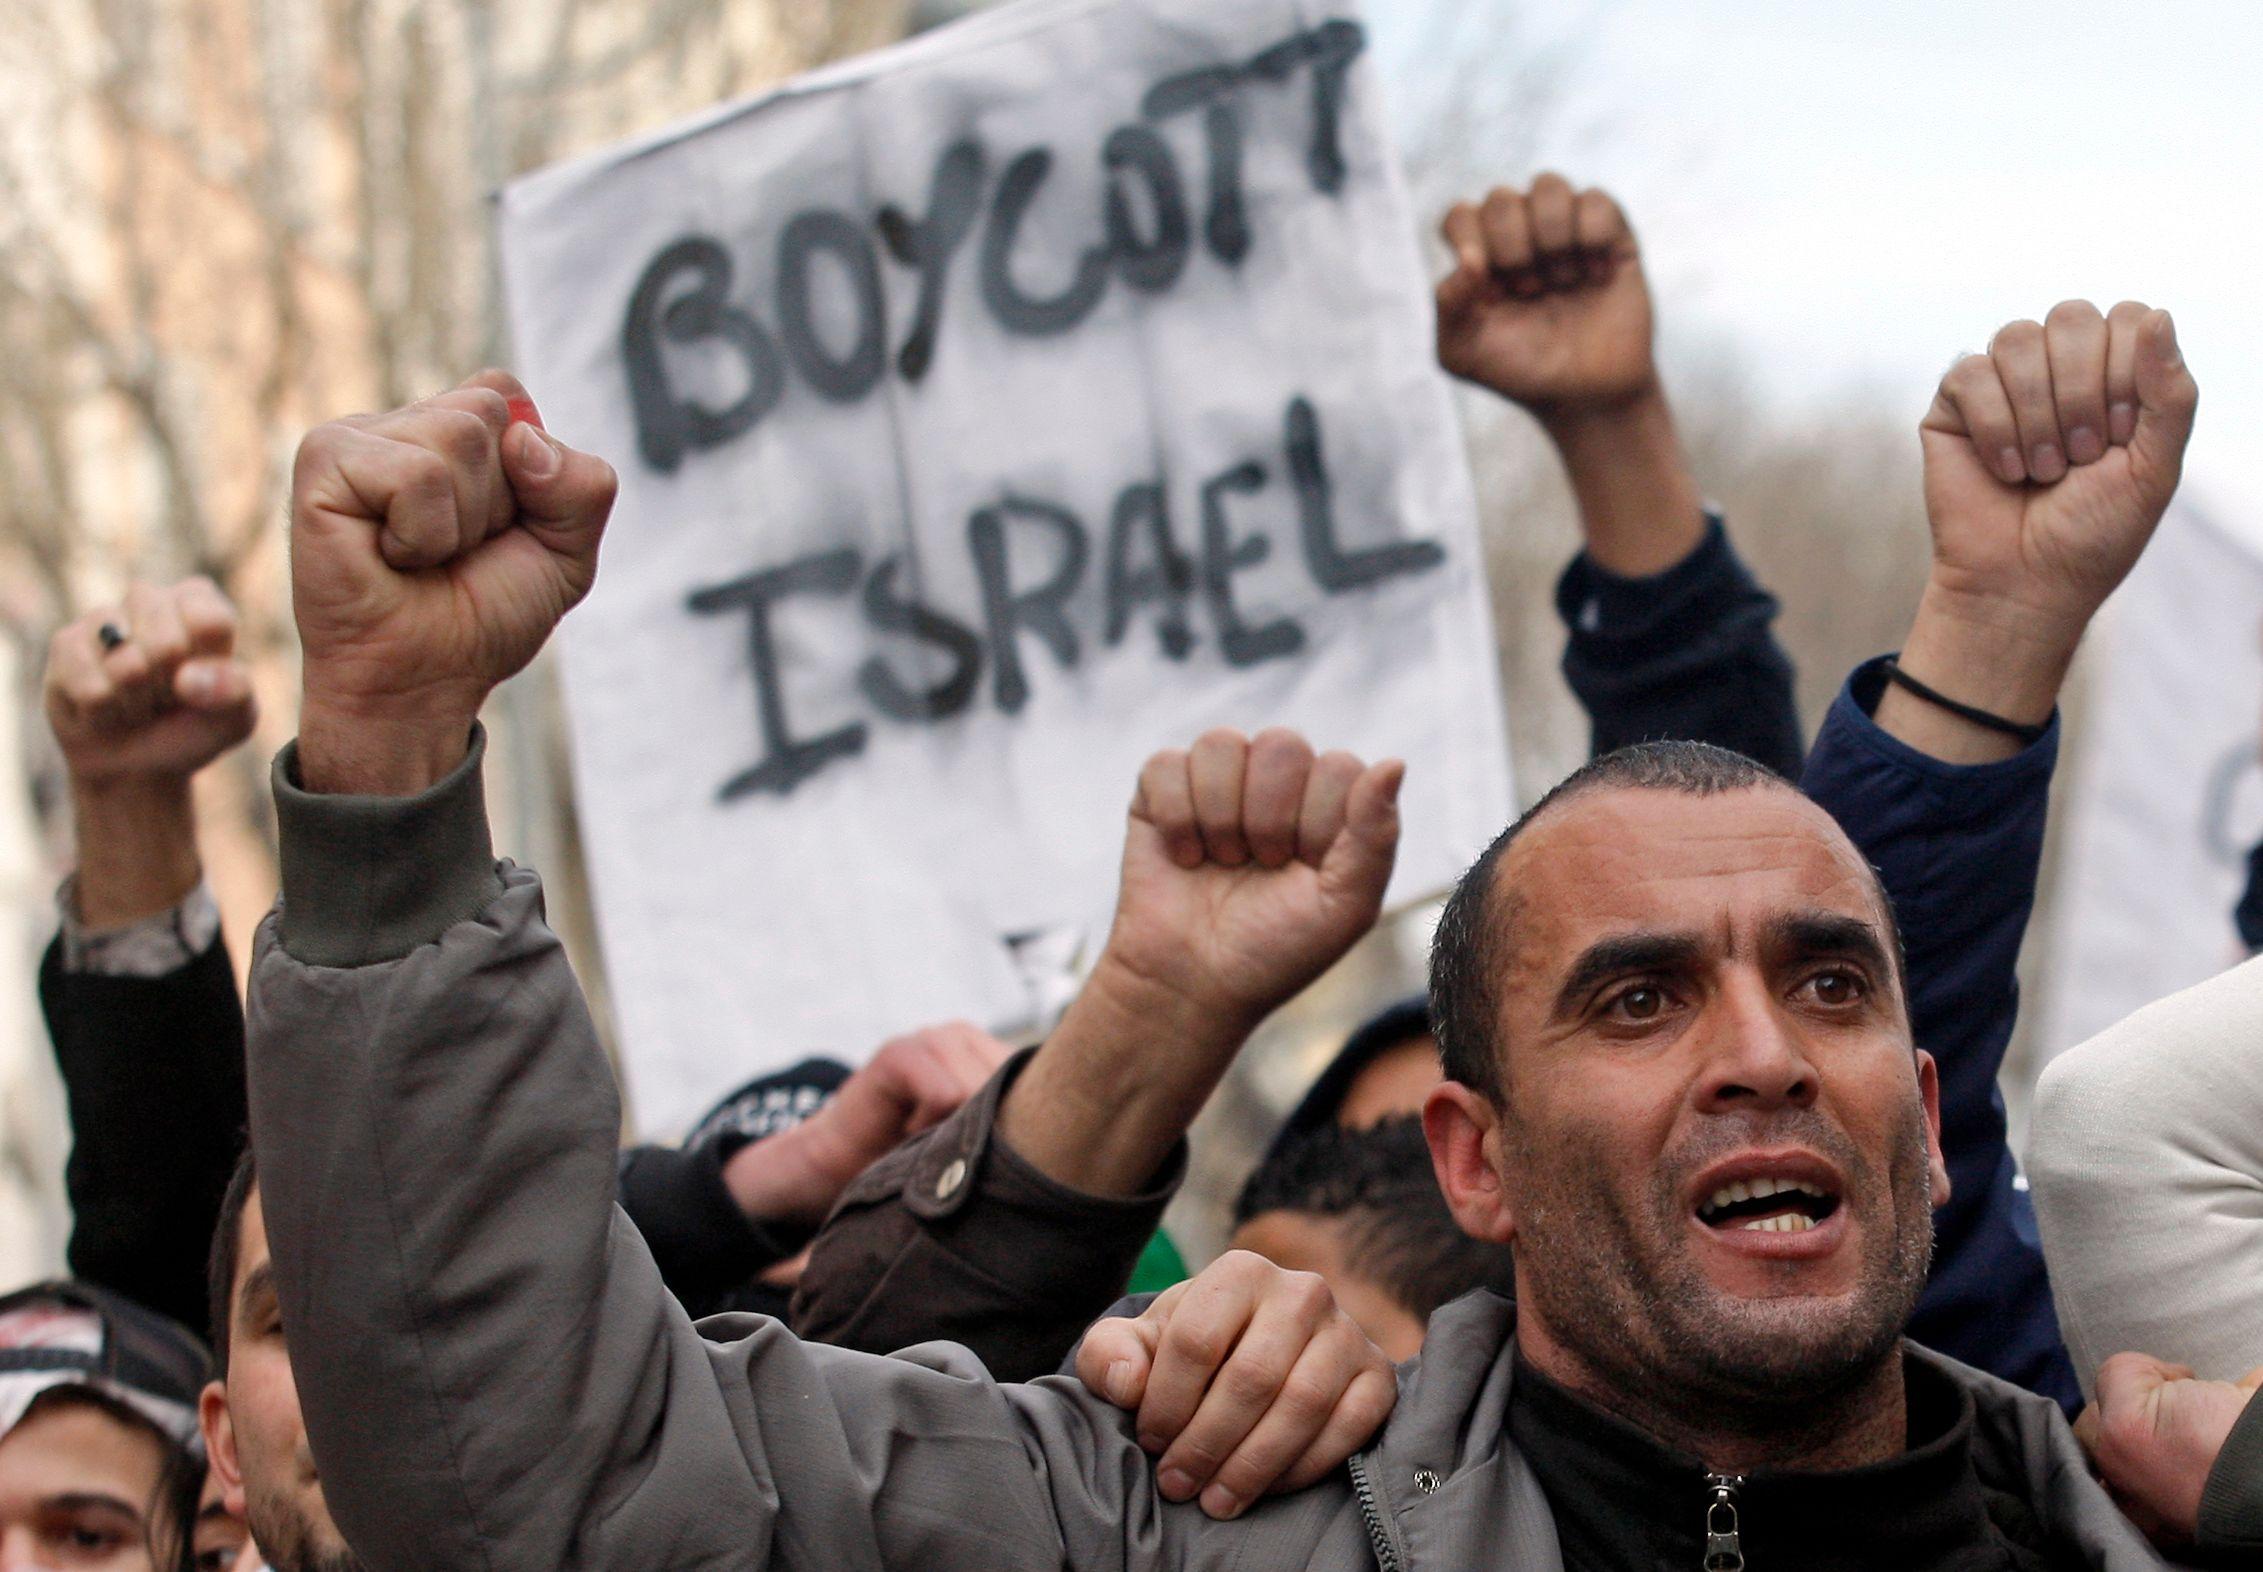 Les appels au boycott d'Israël se multiplient à travers le monde